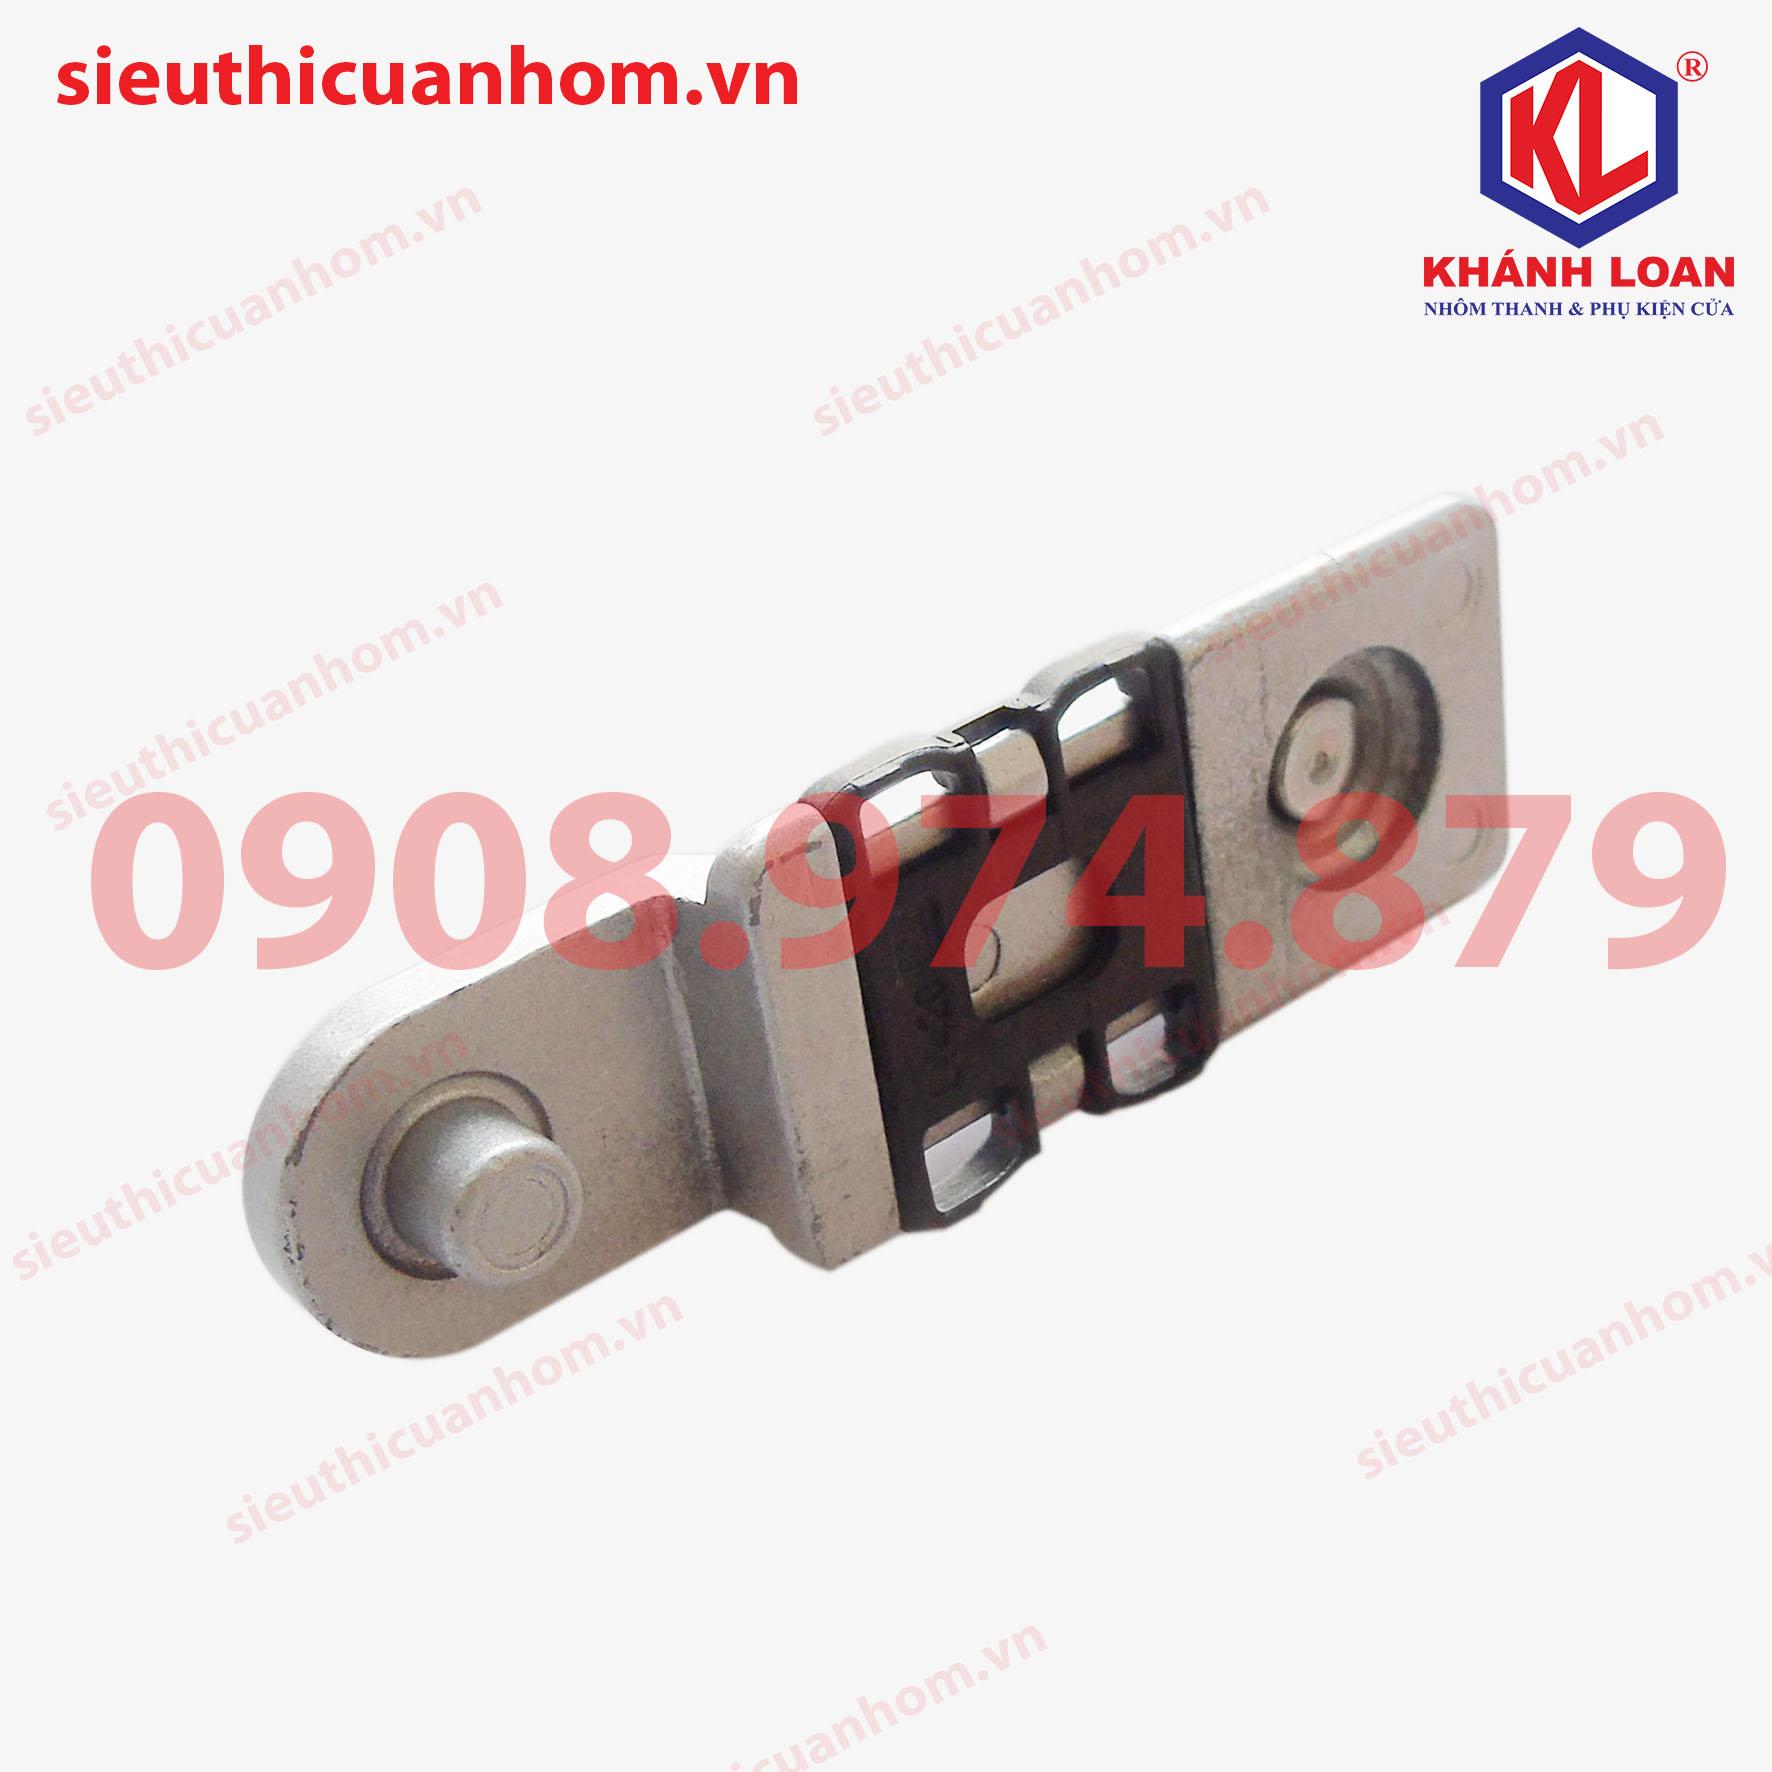 Điểm khóa đầu biên cửa 2 cánh hiệu KinLong chính hãng - N39